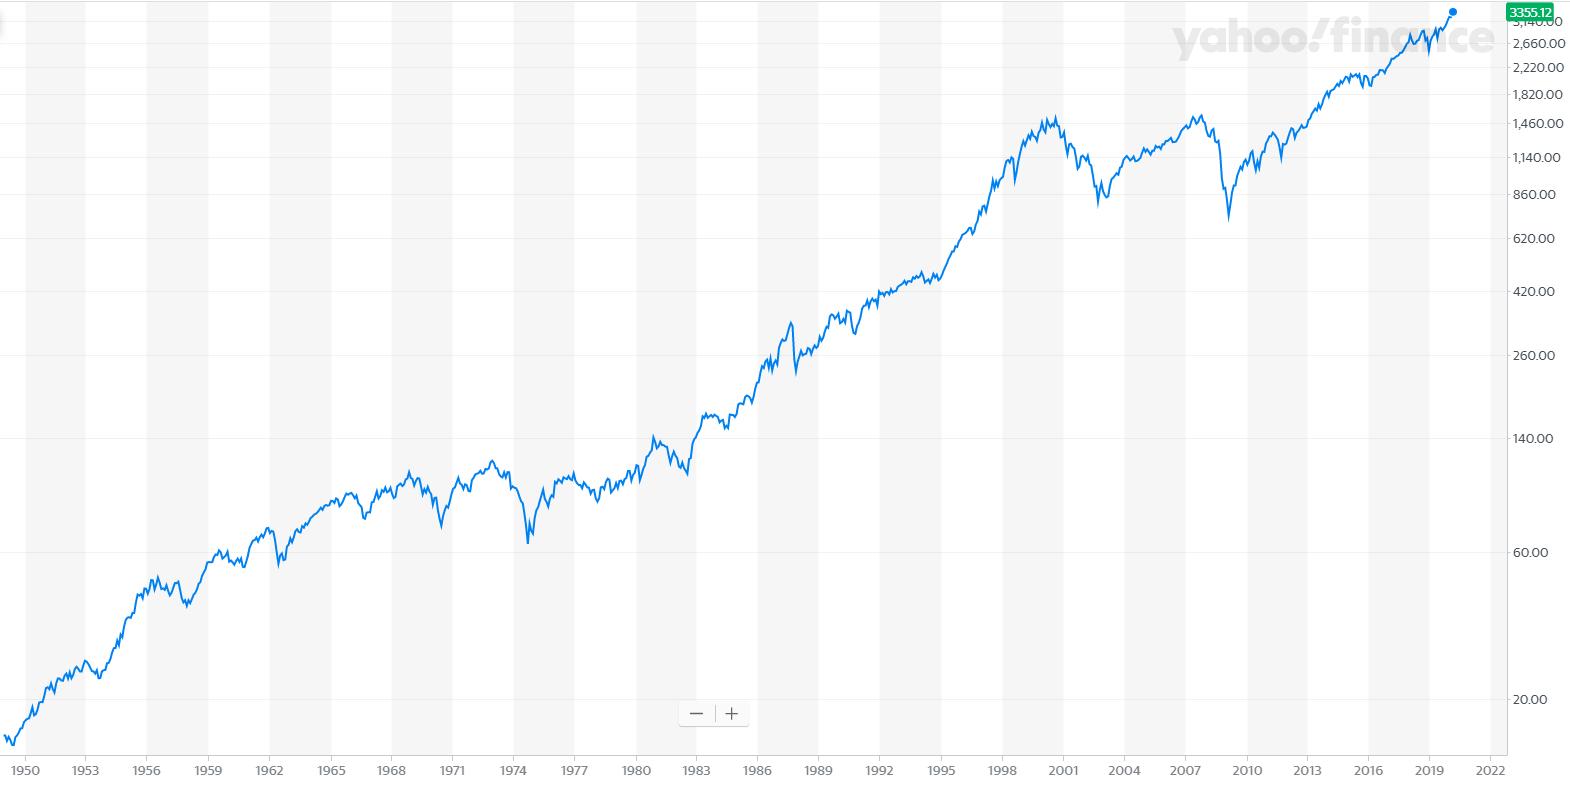 מדד S&P500 עד שנת 2020